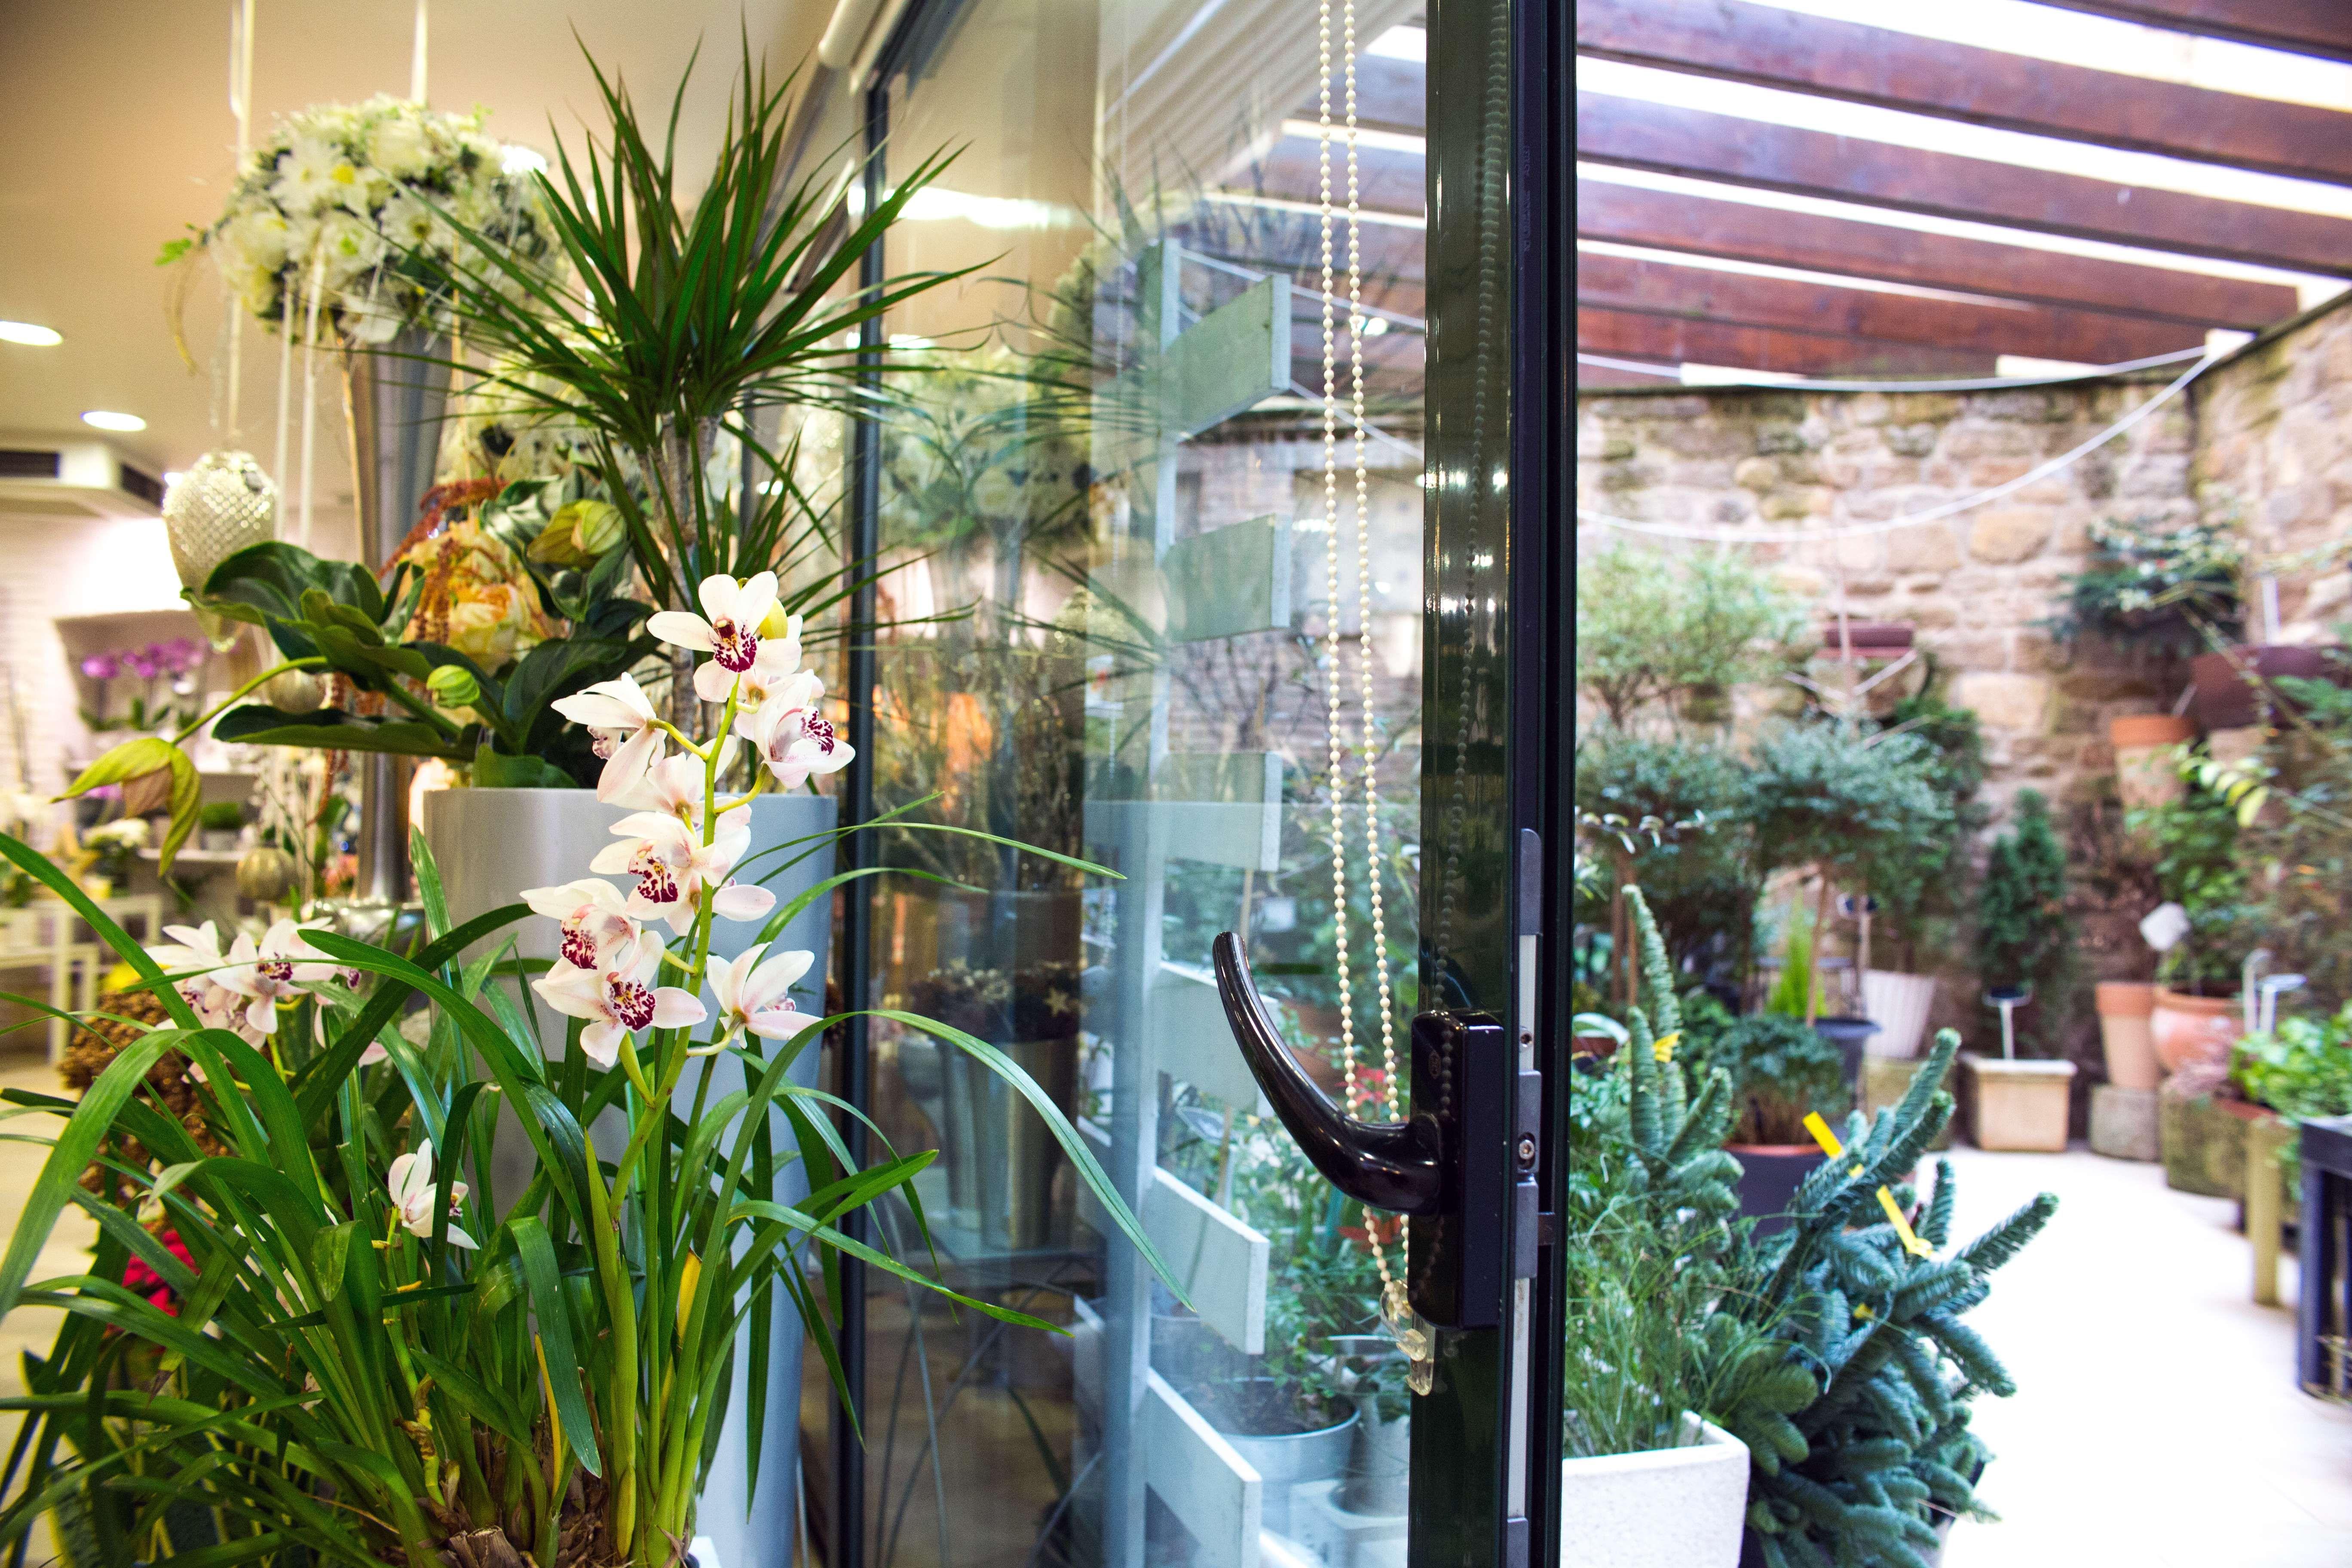 Tienda de flores y plantas en Tafalla